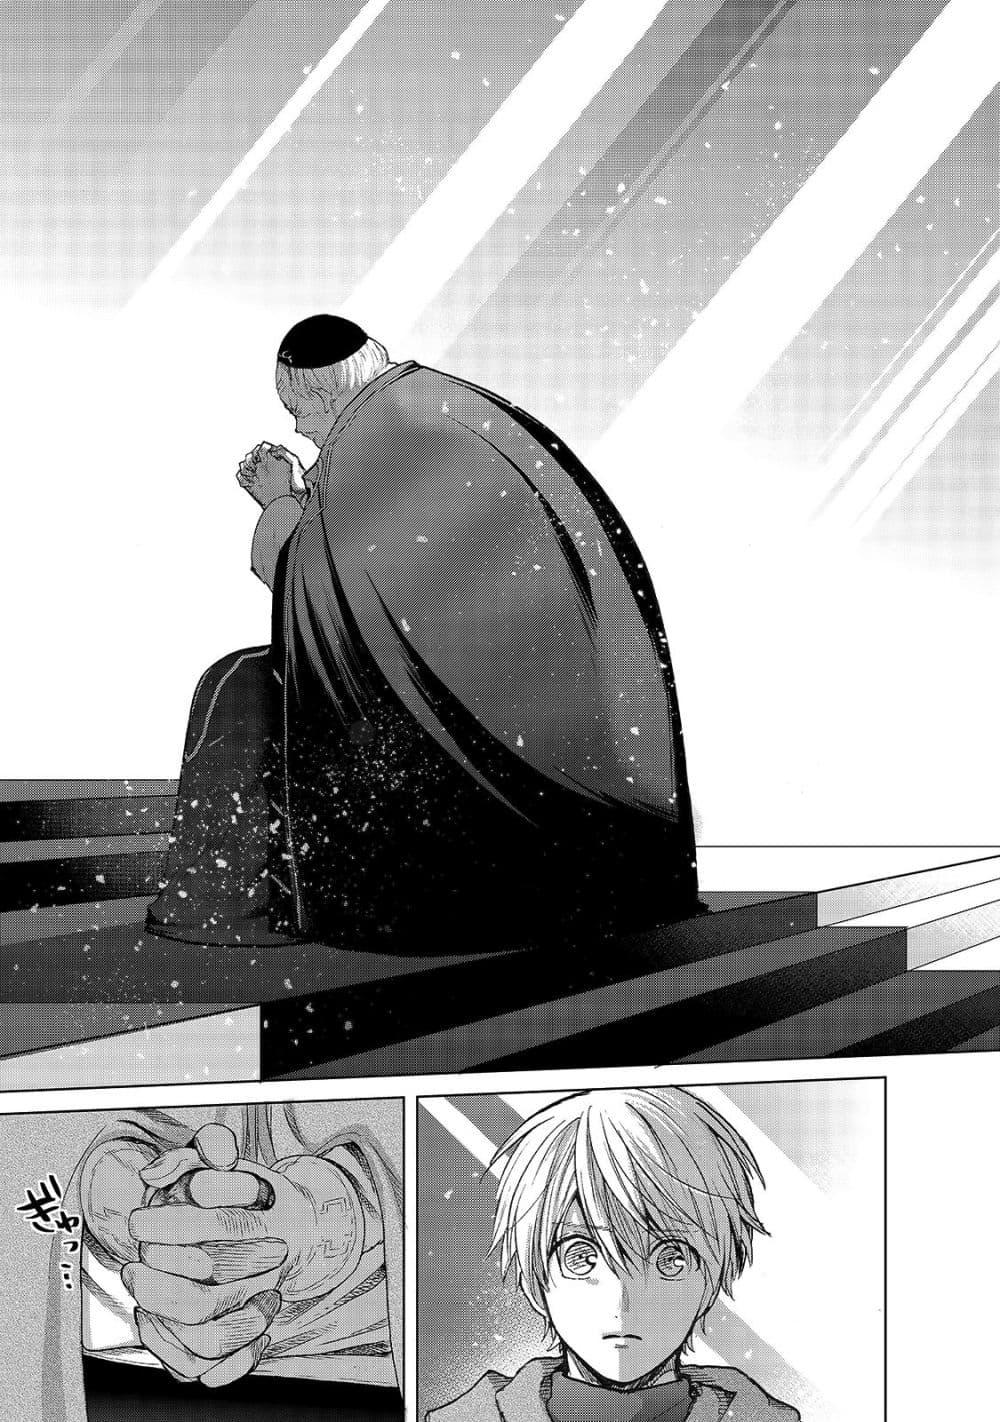 อ่านการ์ตูน Saihate no Paladin ตอนที่ 22 หน้าที่ 13